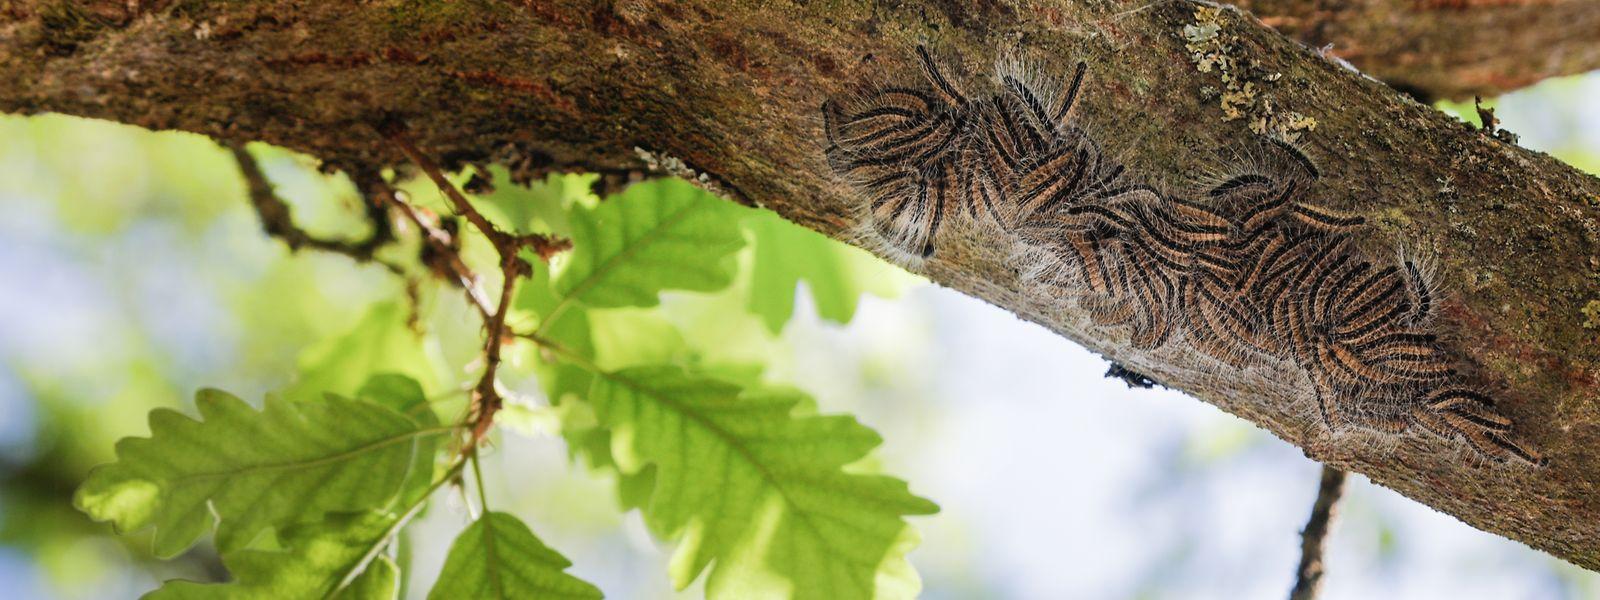 Die Raupen entwickeln ab dem dritten Larvenstadium ihre Brennhaare.